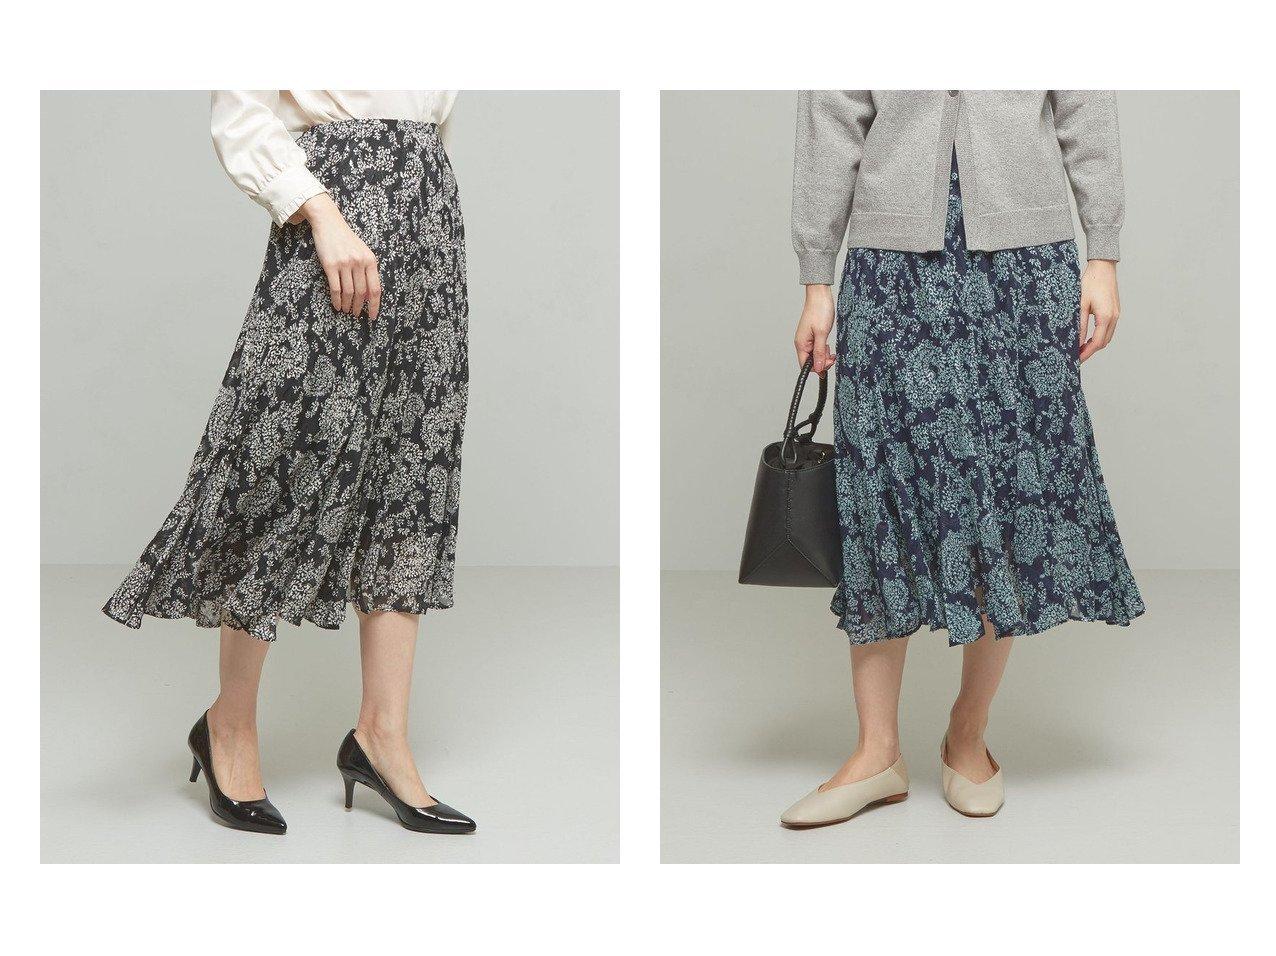 【THE STATION STORE / UNITED ARROWS/ザ ステーション ストア】のcloset story ジャガード ロングスカート -手洗い可能- 【スカート】おすすめ!人気、トレンド・レディースファッションの通販 おすすめで人気の流行・トレンド、ファッションの通販商品 メンズファッション・キッズファッション・インテリア・家具・レディースファッション・服の通販 founy(ファニー) https://founy.com/ ファッション Fashion レディースファッション WOMEN スカート Skirt ロングスカート Long Skirt エアリー エレガント 春 Spring カットソー ジャケット ロング NEW・新作・新着・新入荷 New Arrivals |ID:crp329100000028454